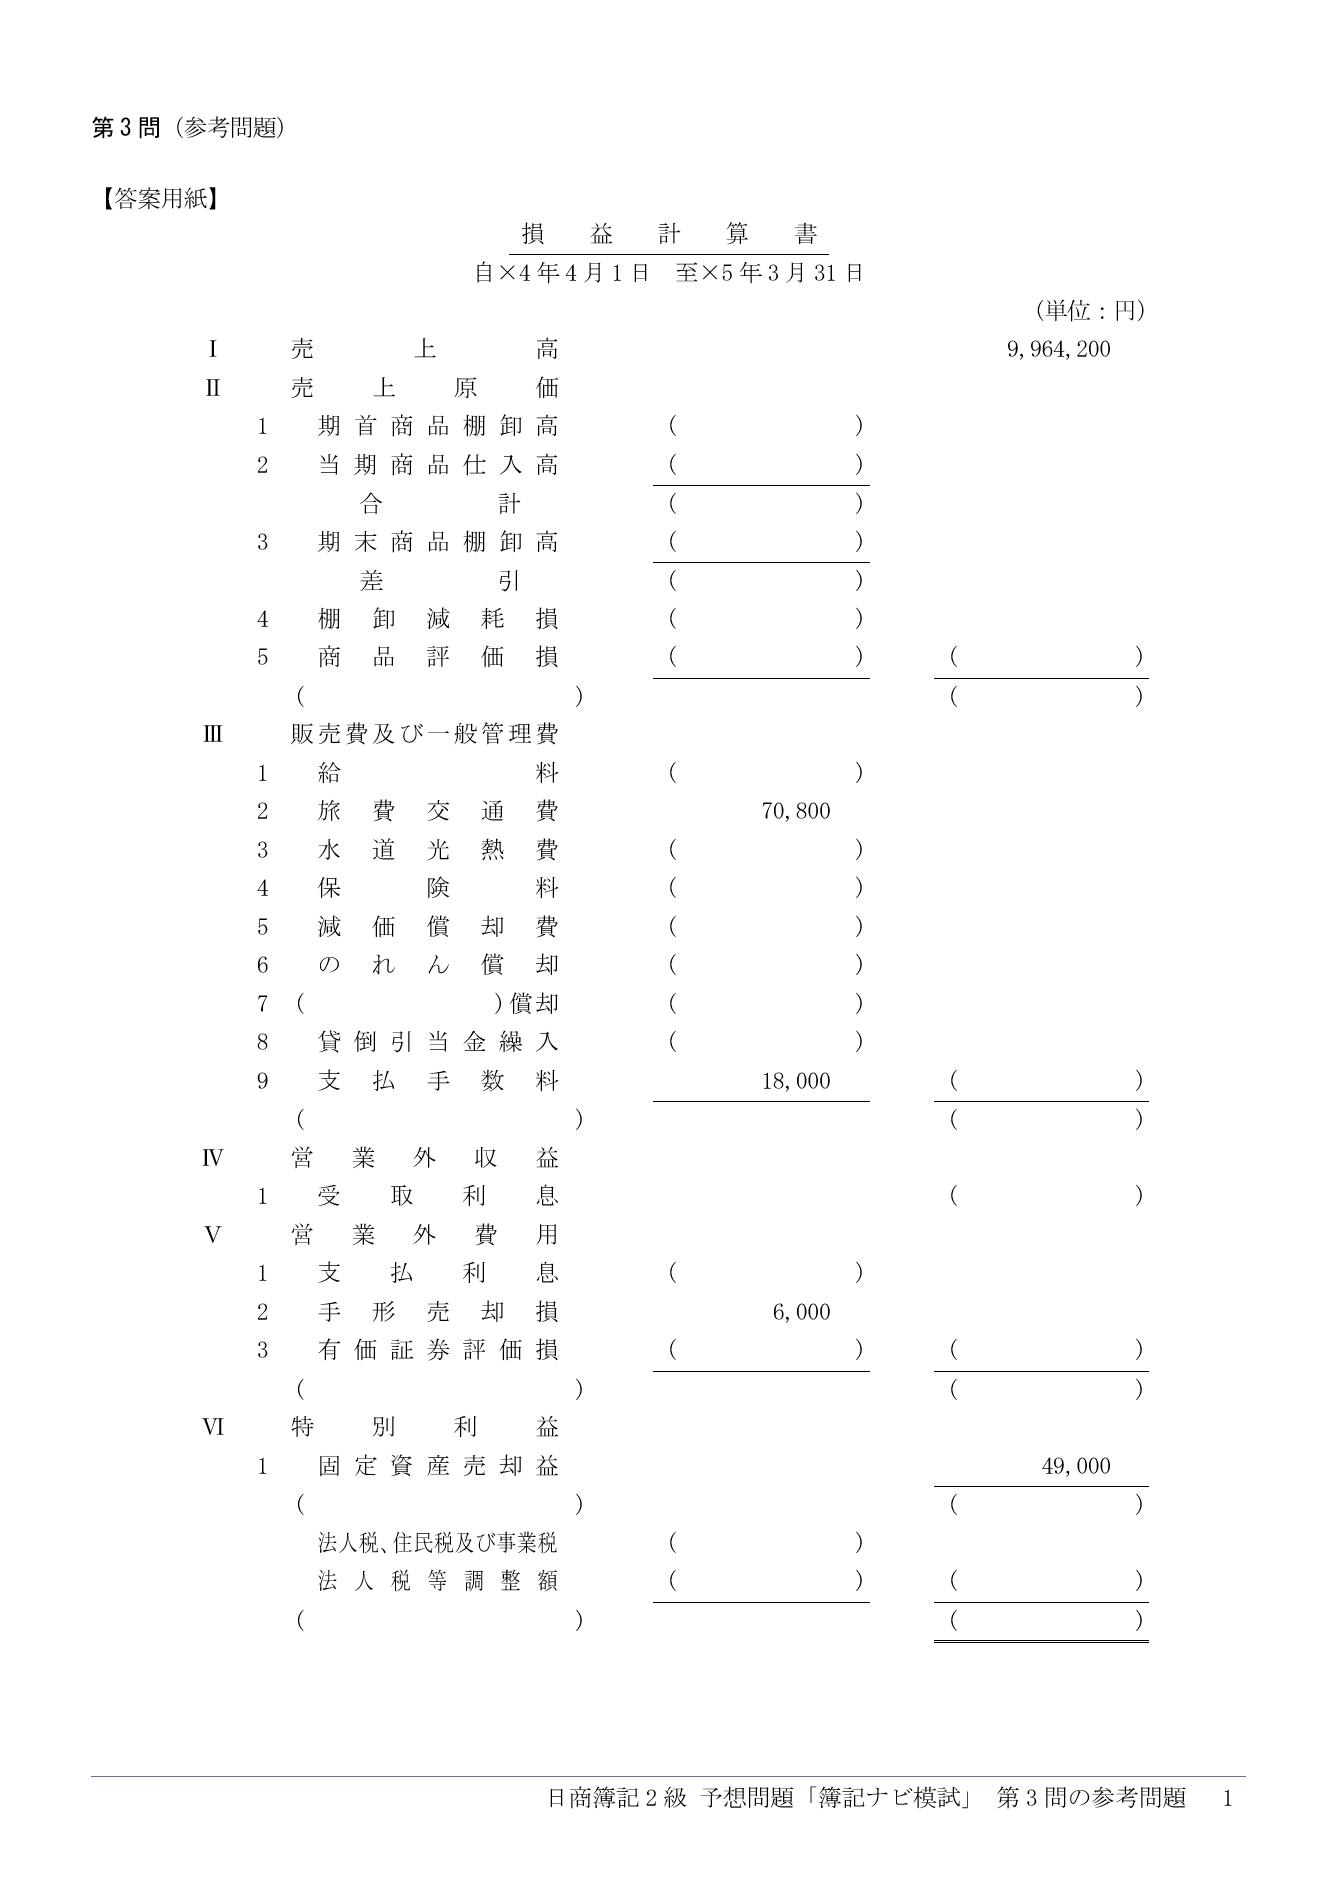 参考問題の答案用紙